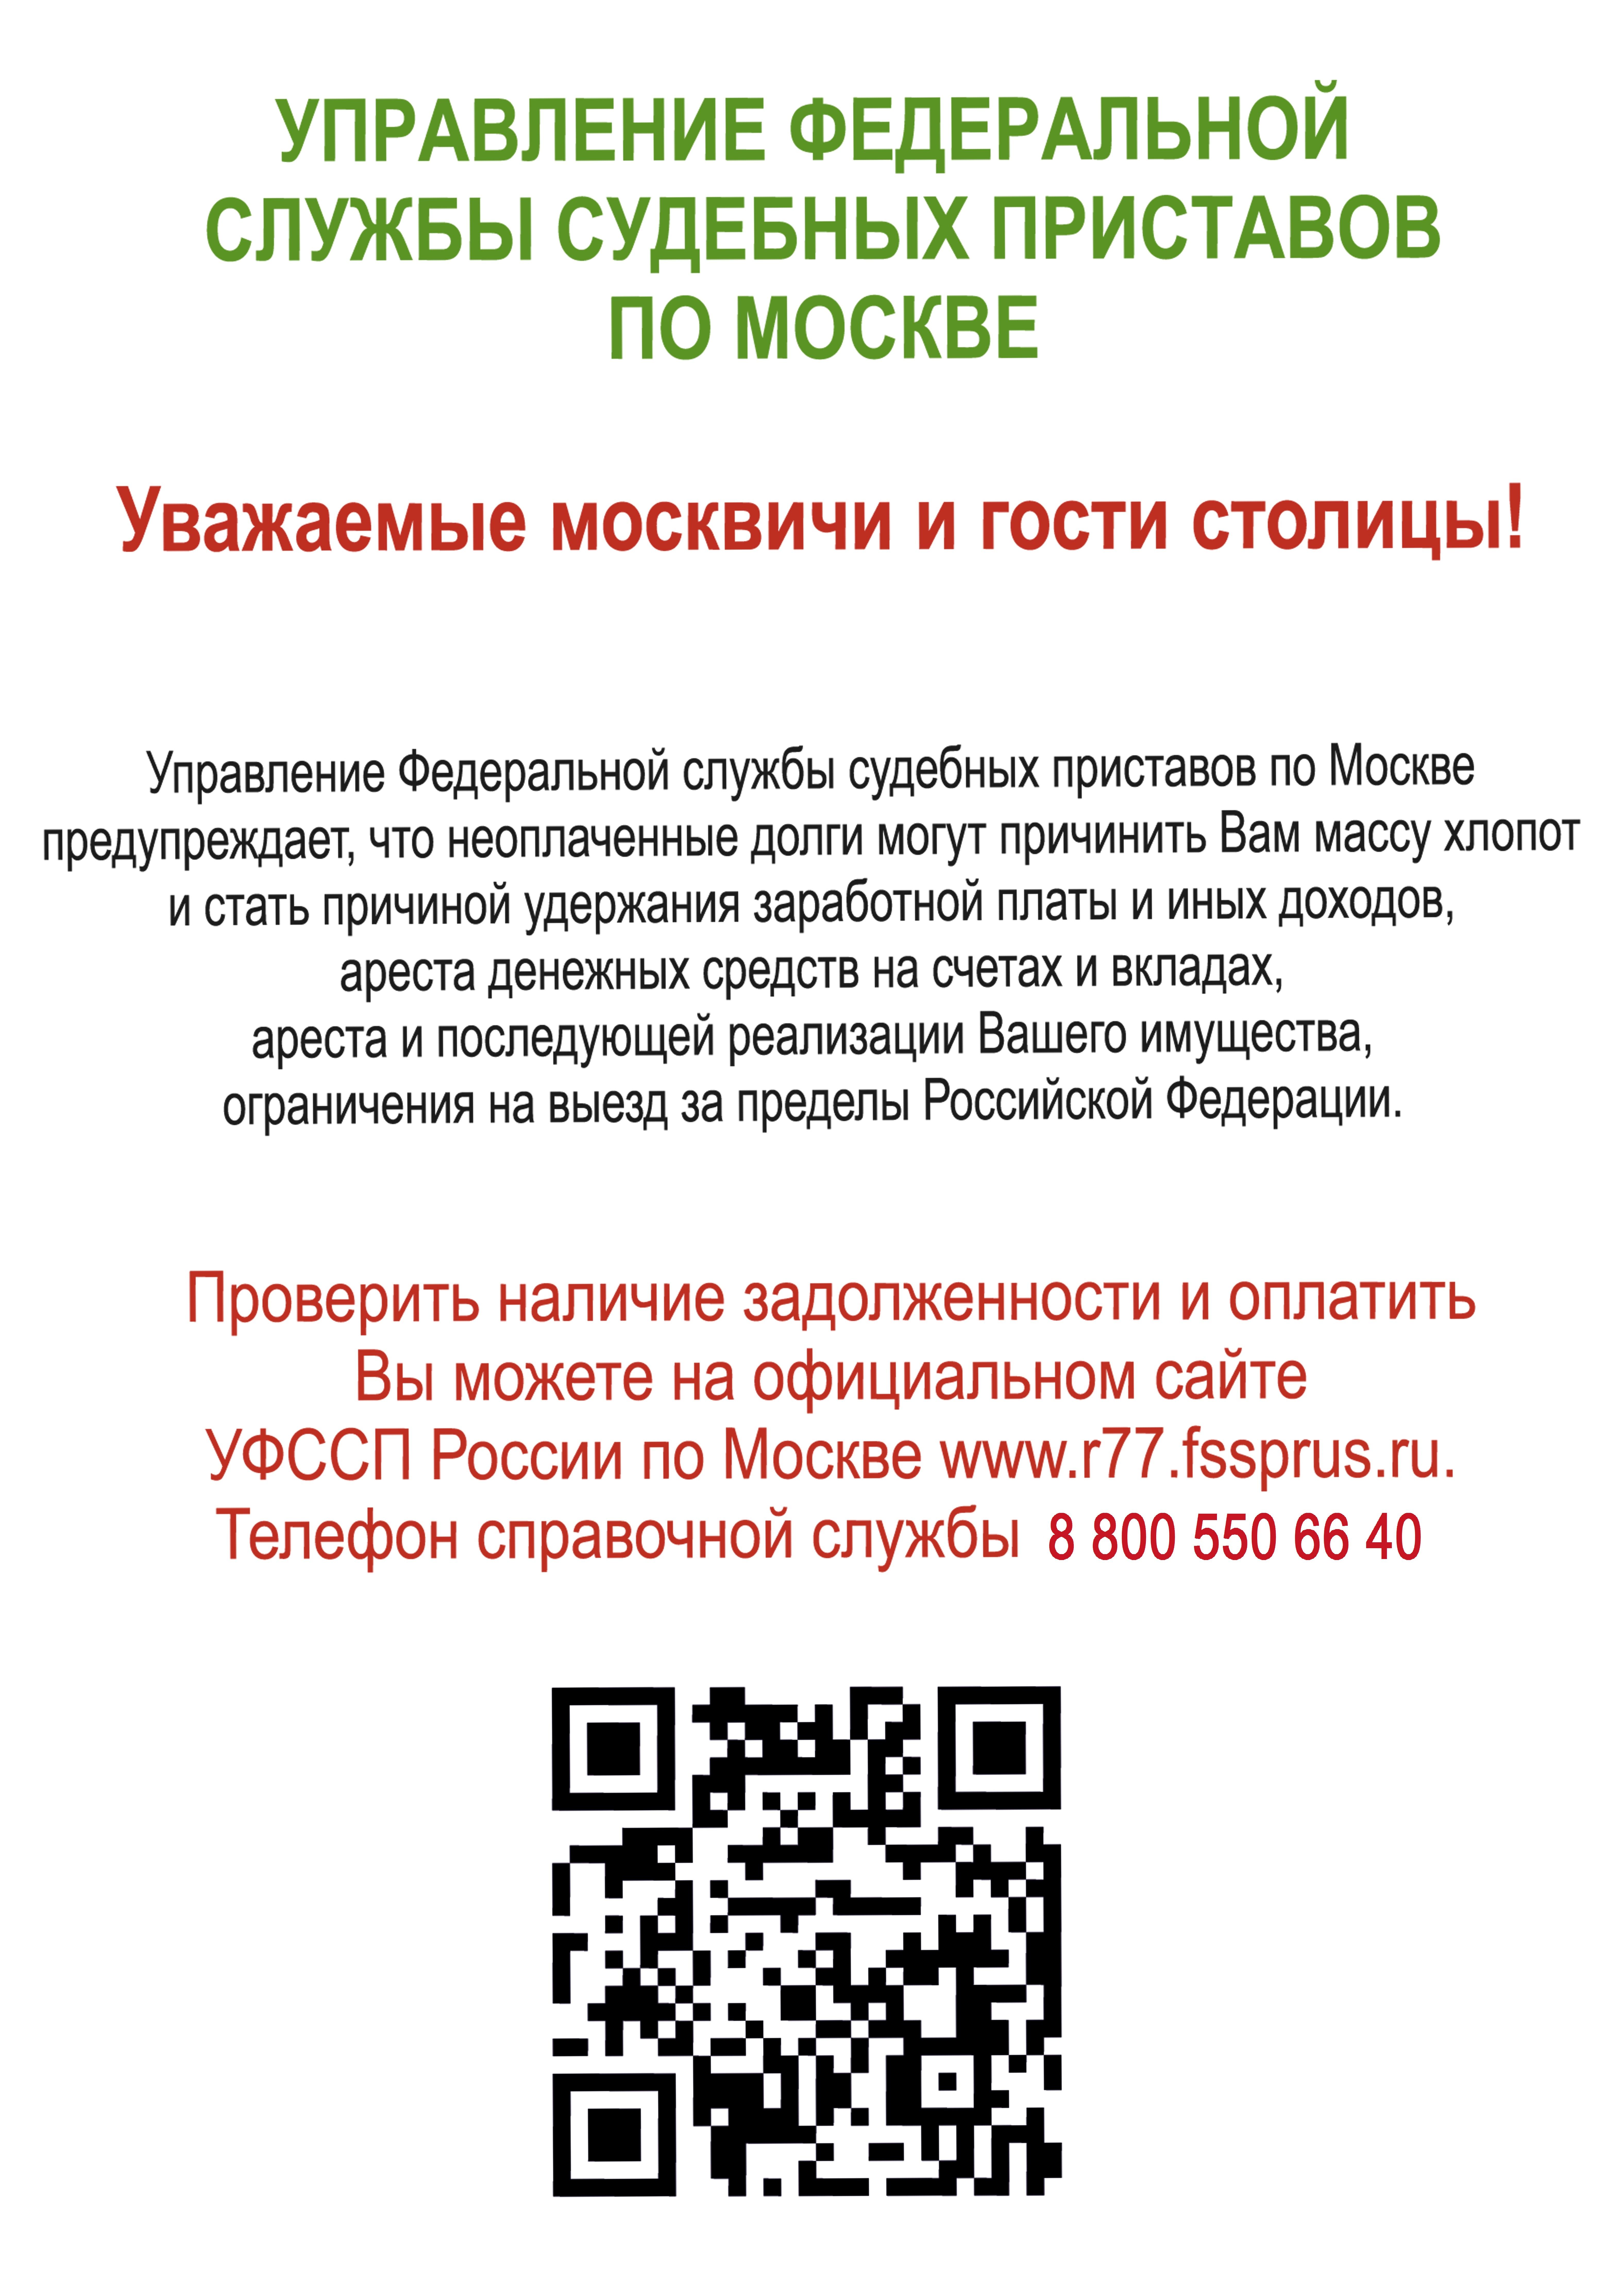 Проверить наличие задолженностей москвичи смогут на сайте УФССП